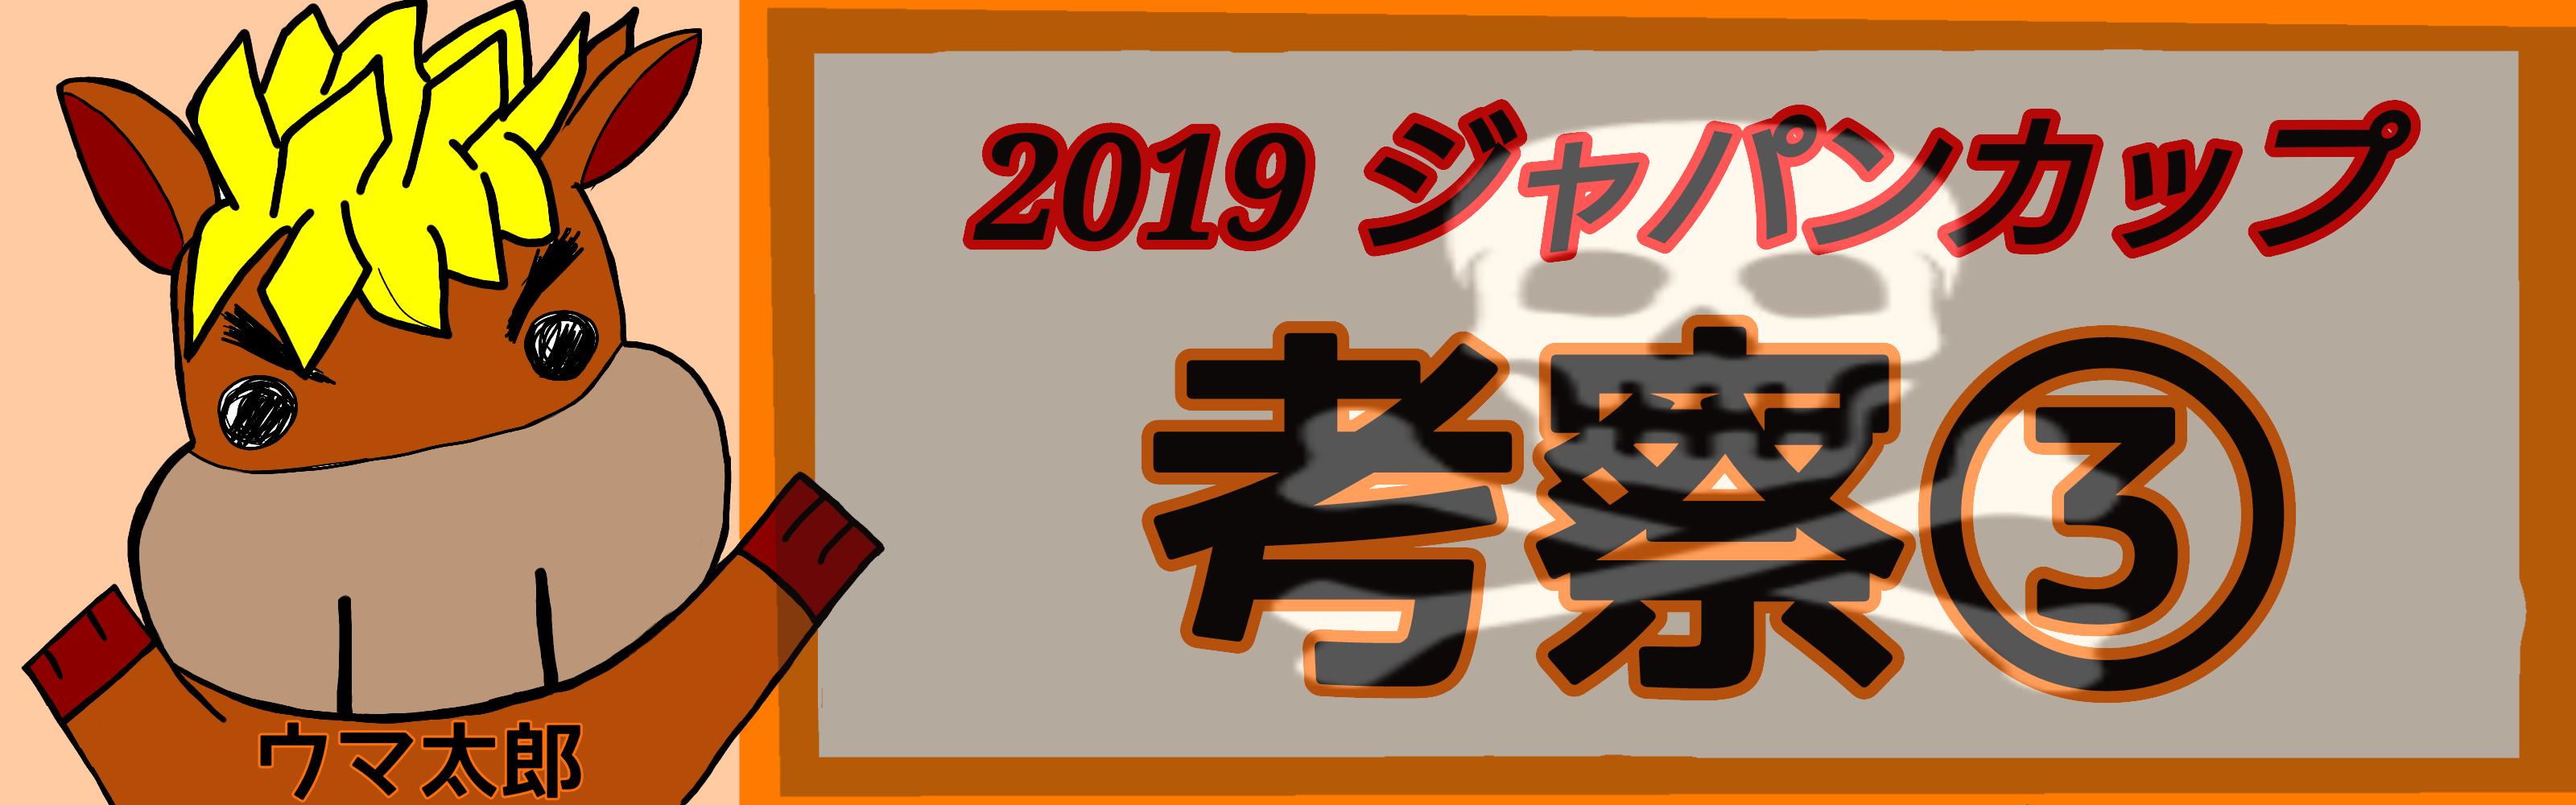 ジャパンカップ 考察3